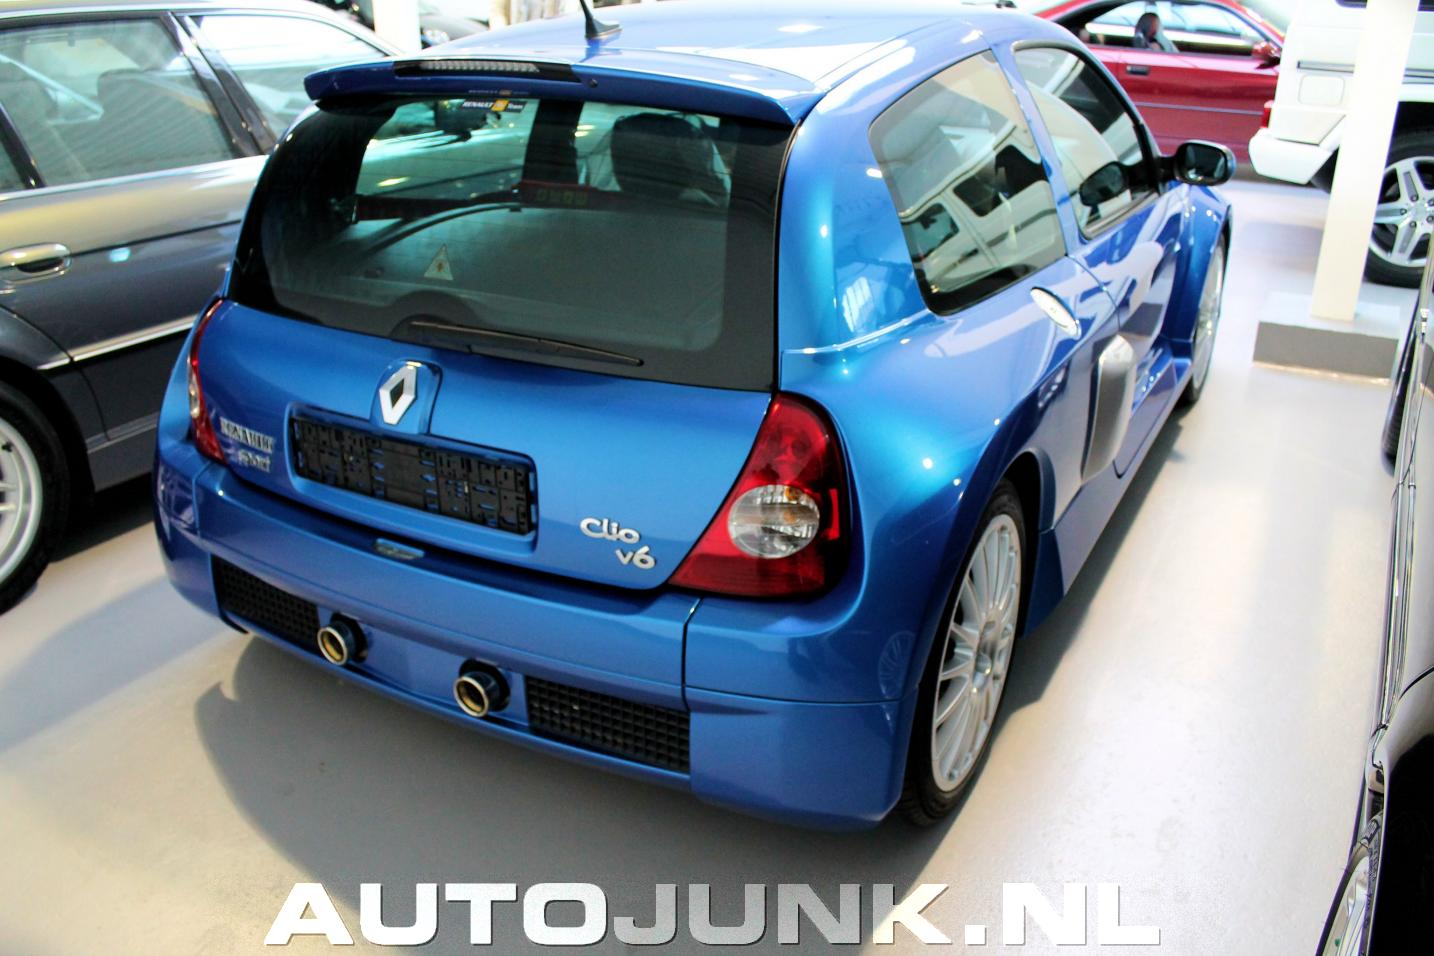 Renault clio sport 3 0 v6 te koop